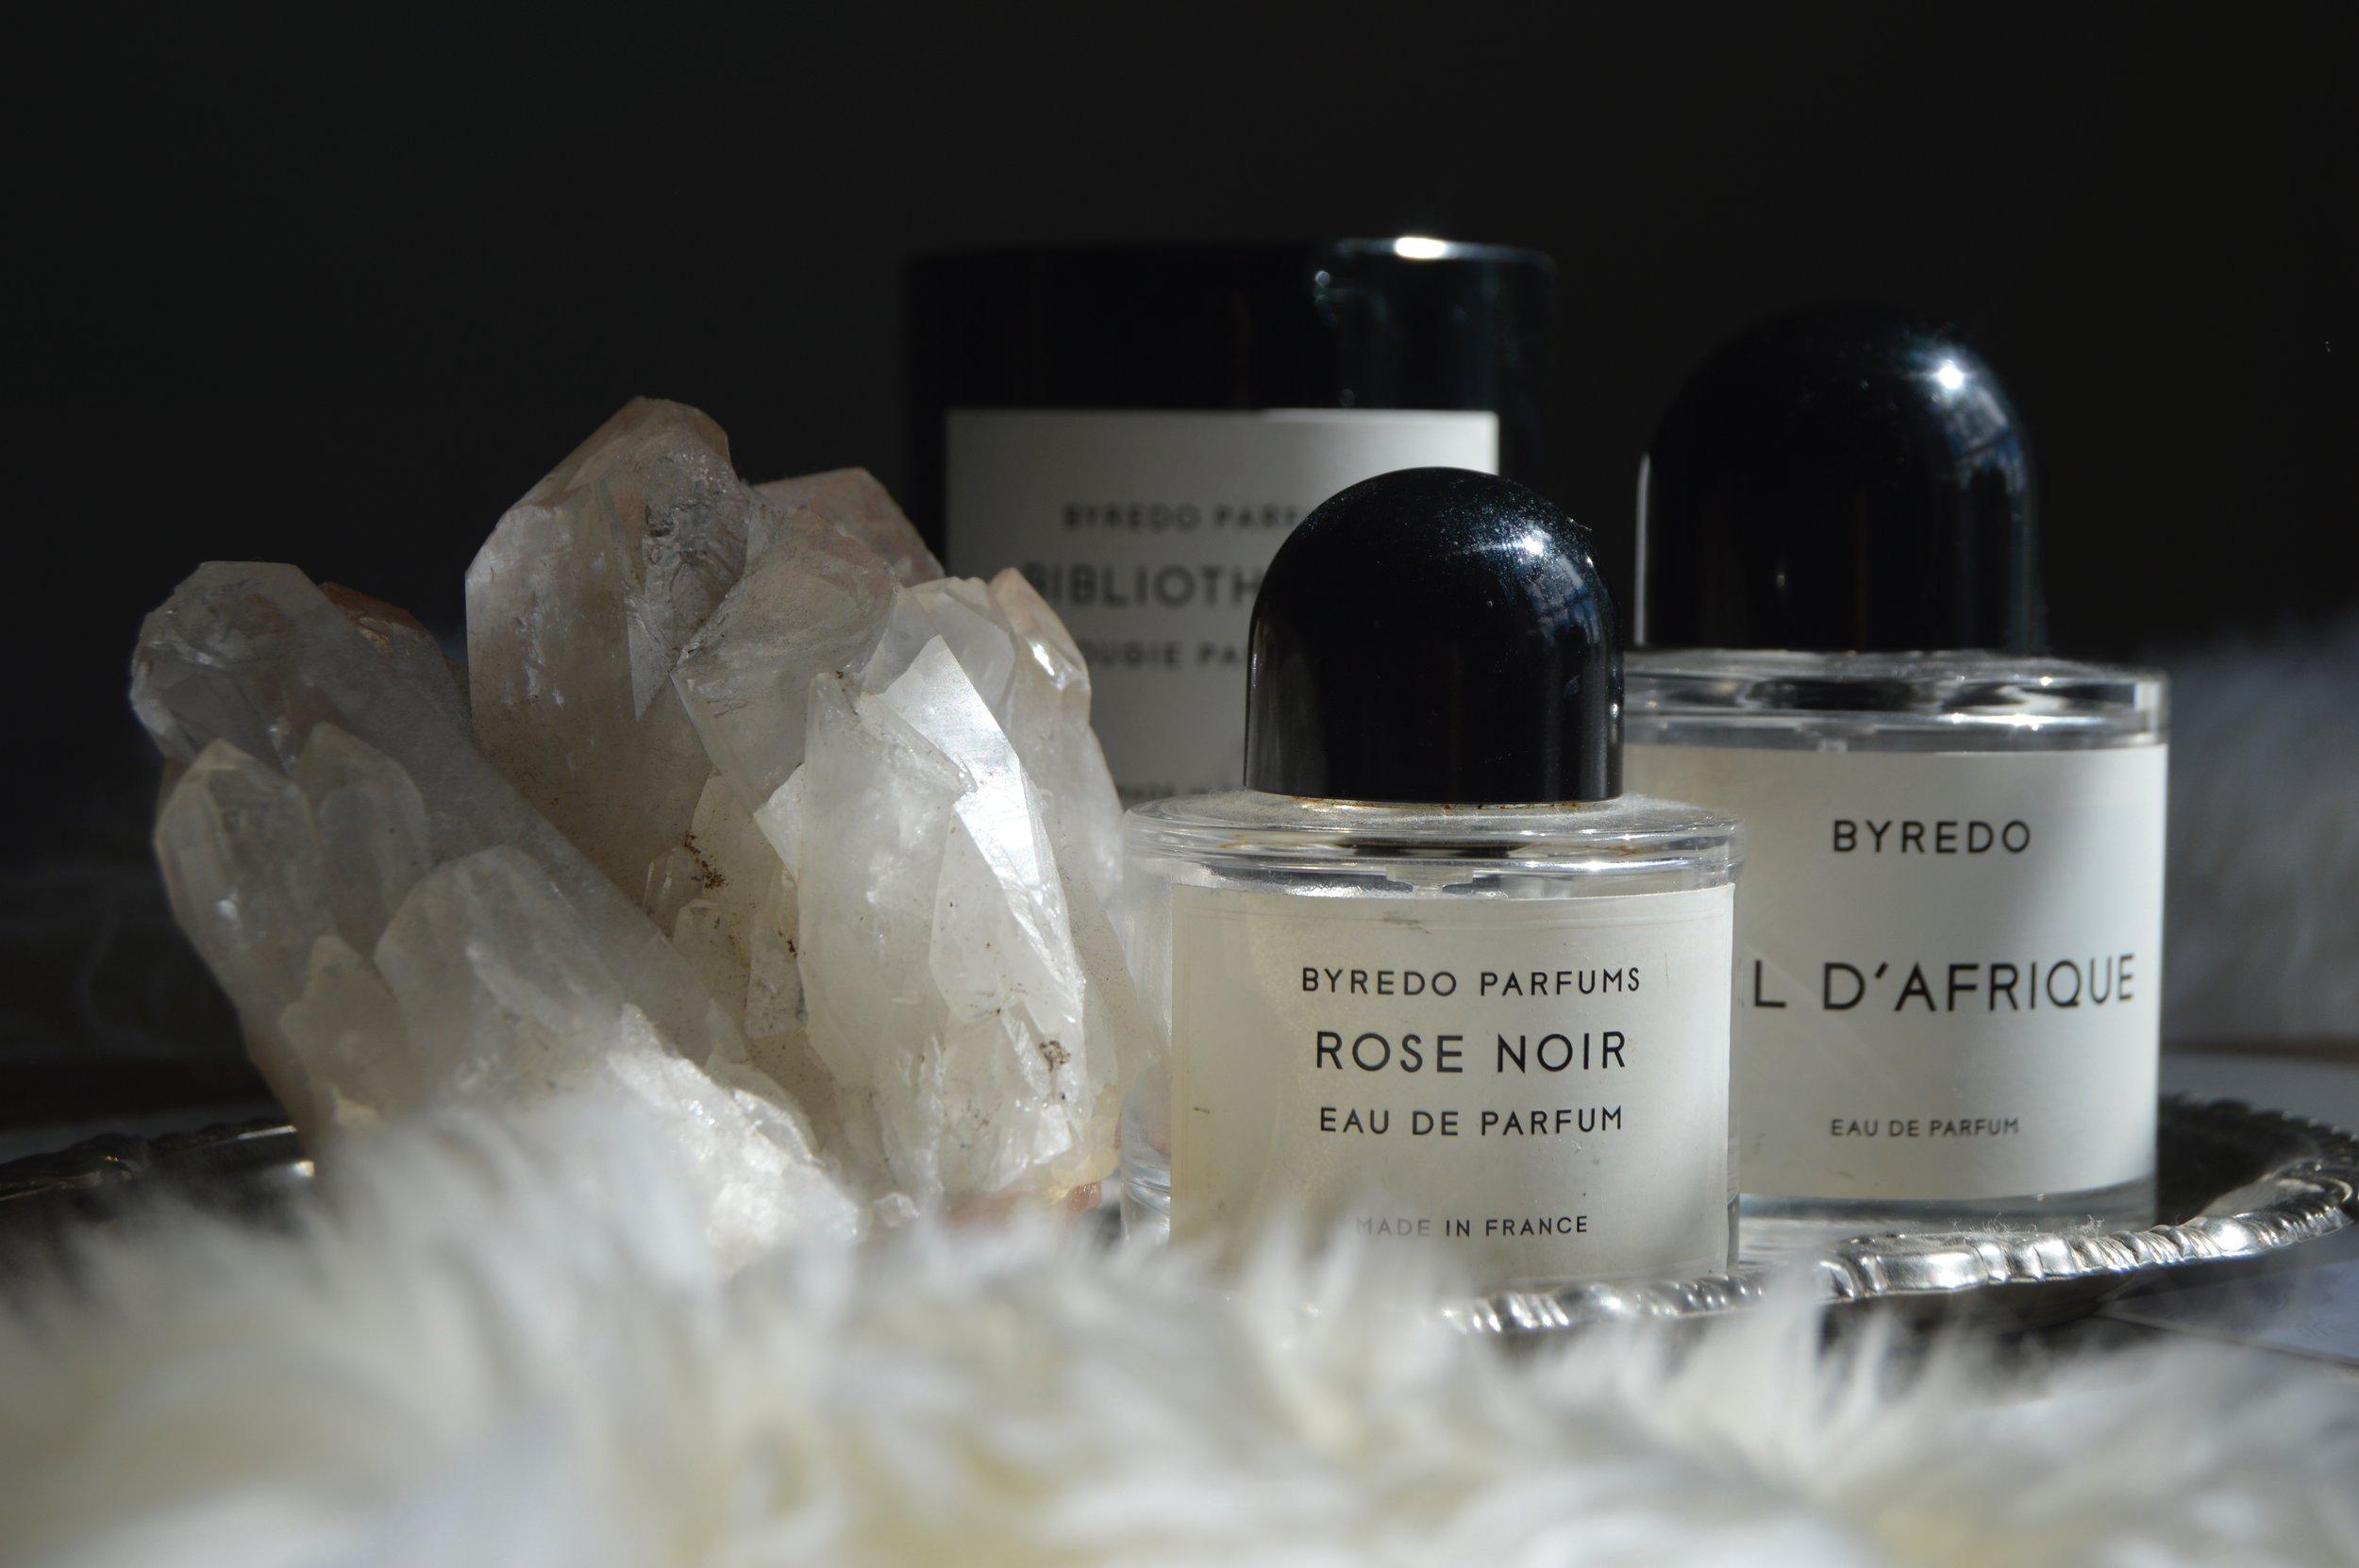 Byredo Perfume Rose Noir, Beauty Blogger Review